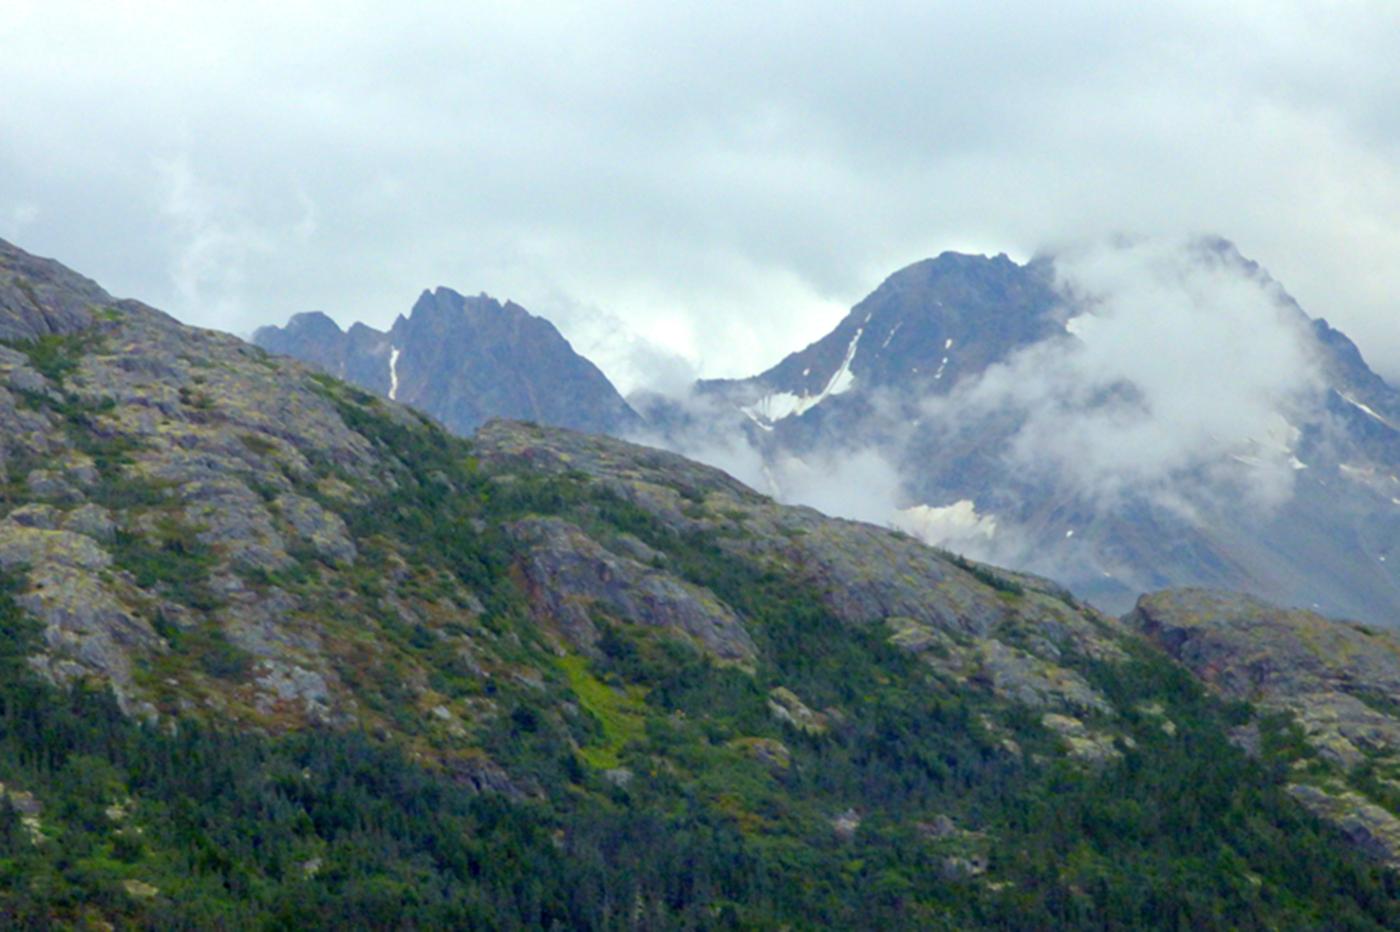 阿拉斯加,那山、那水、那人……_图1-17